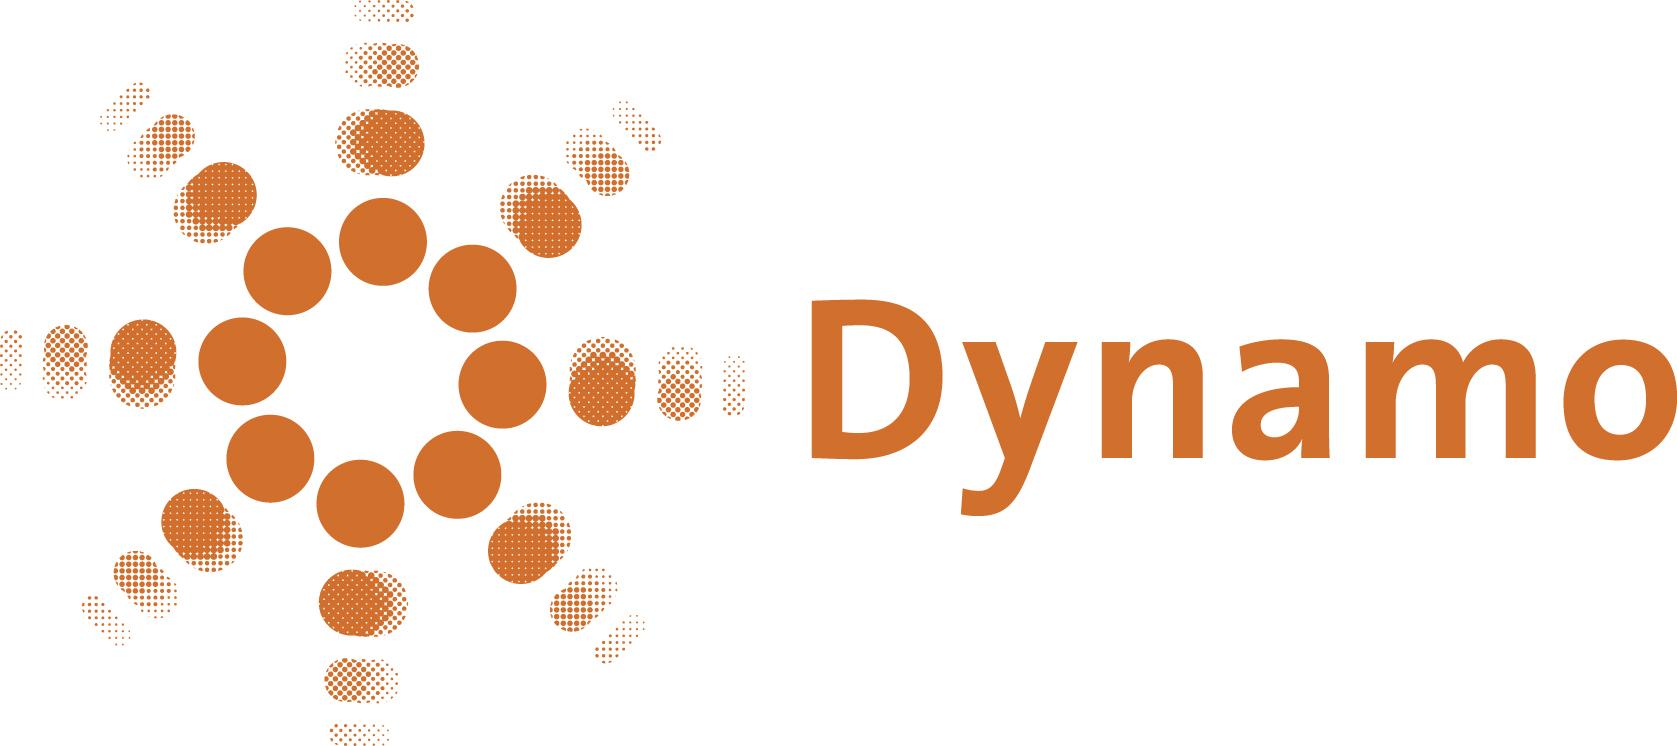 Logo Dynamo pms158